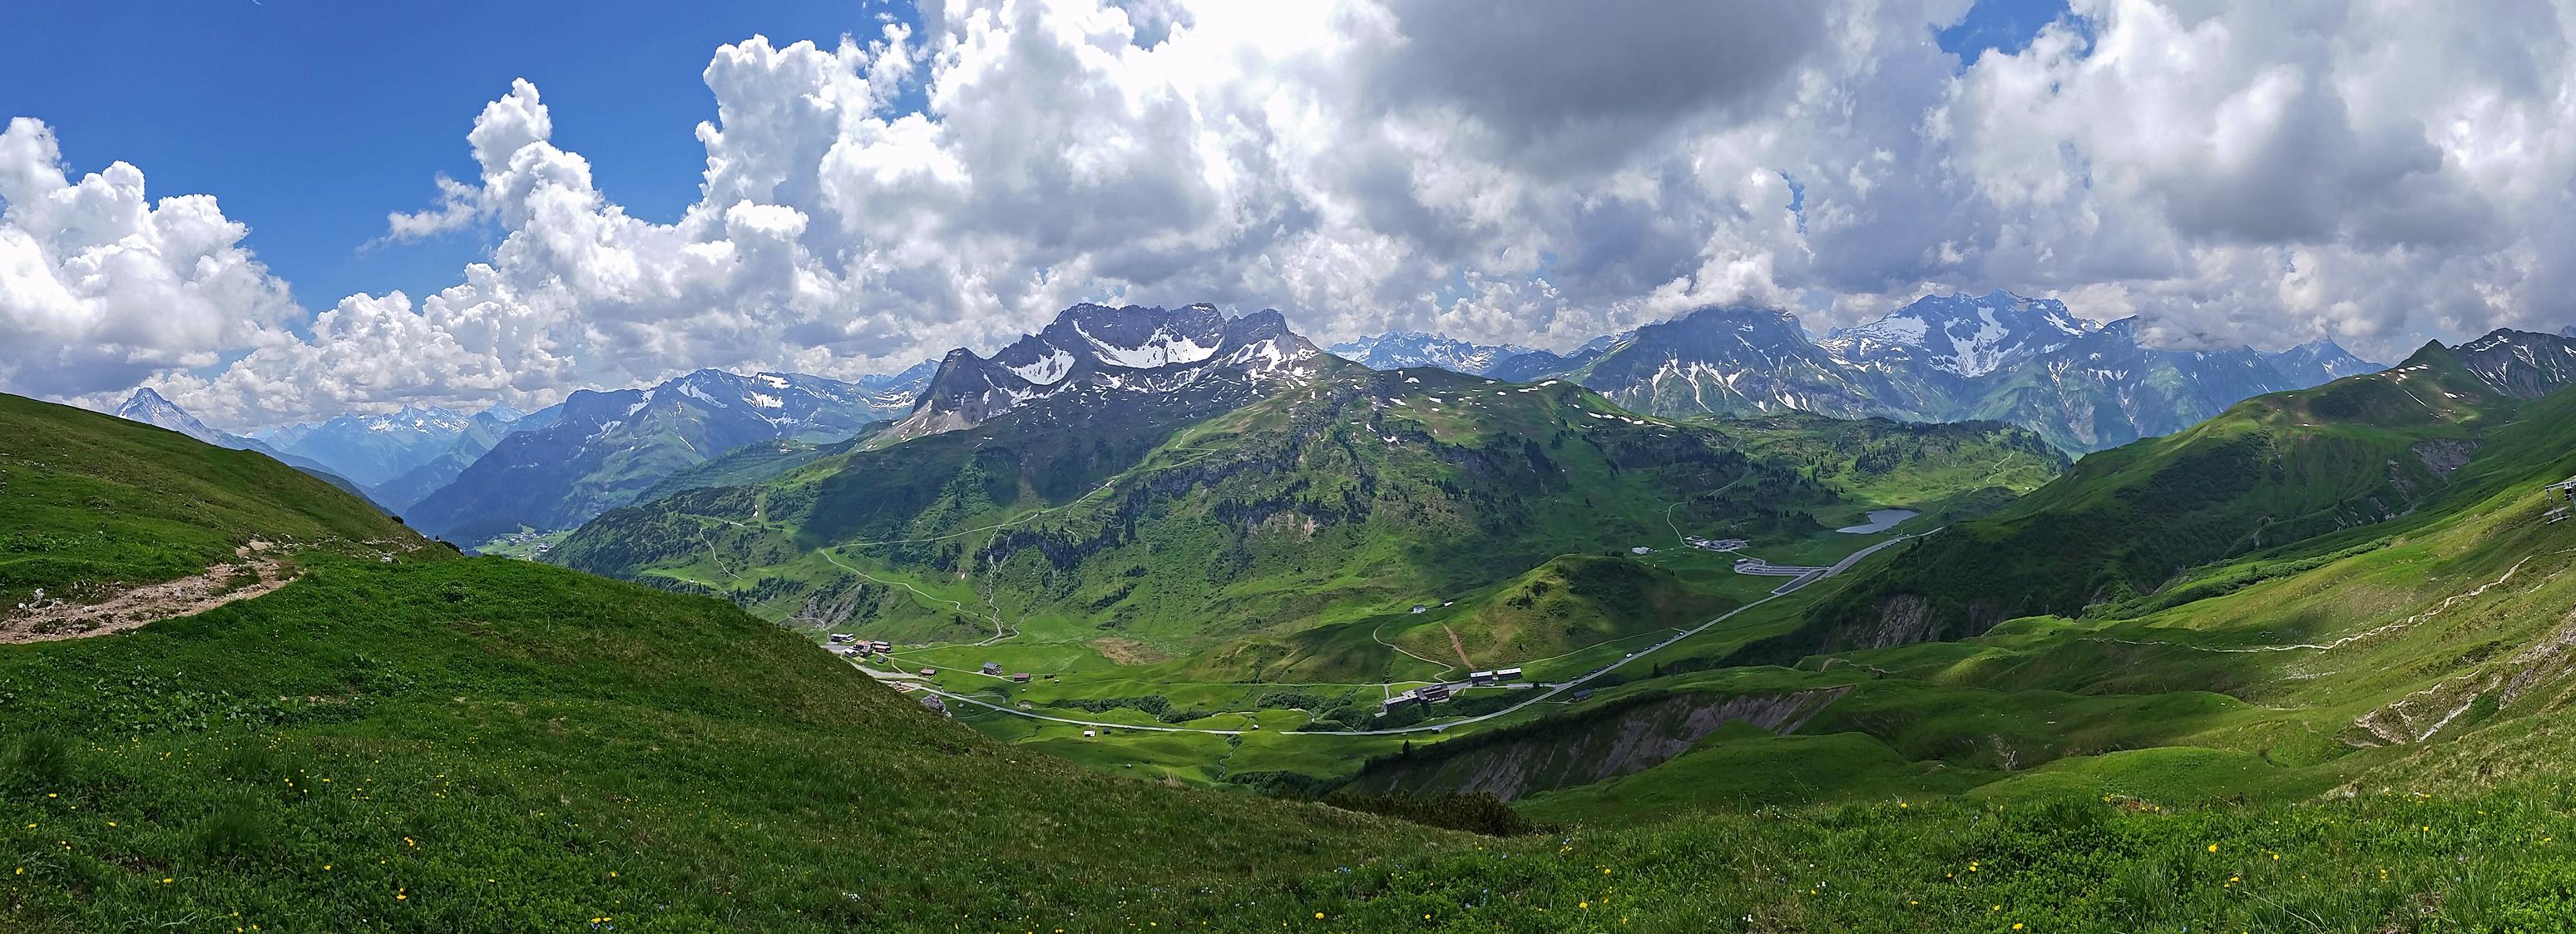 Альпы_панорама_Альпийский_горный_хребет_Западная_Европа_Alps_original